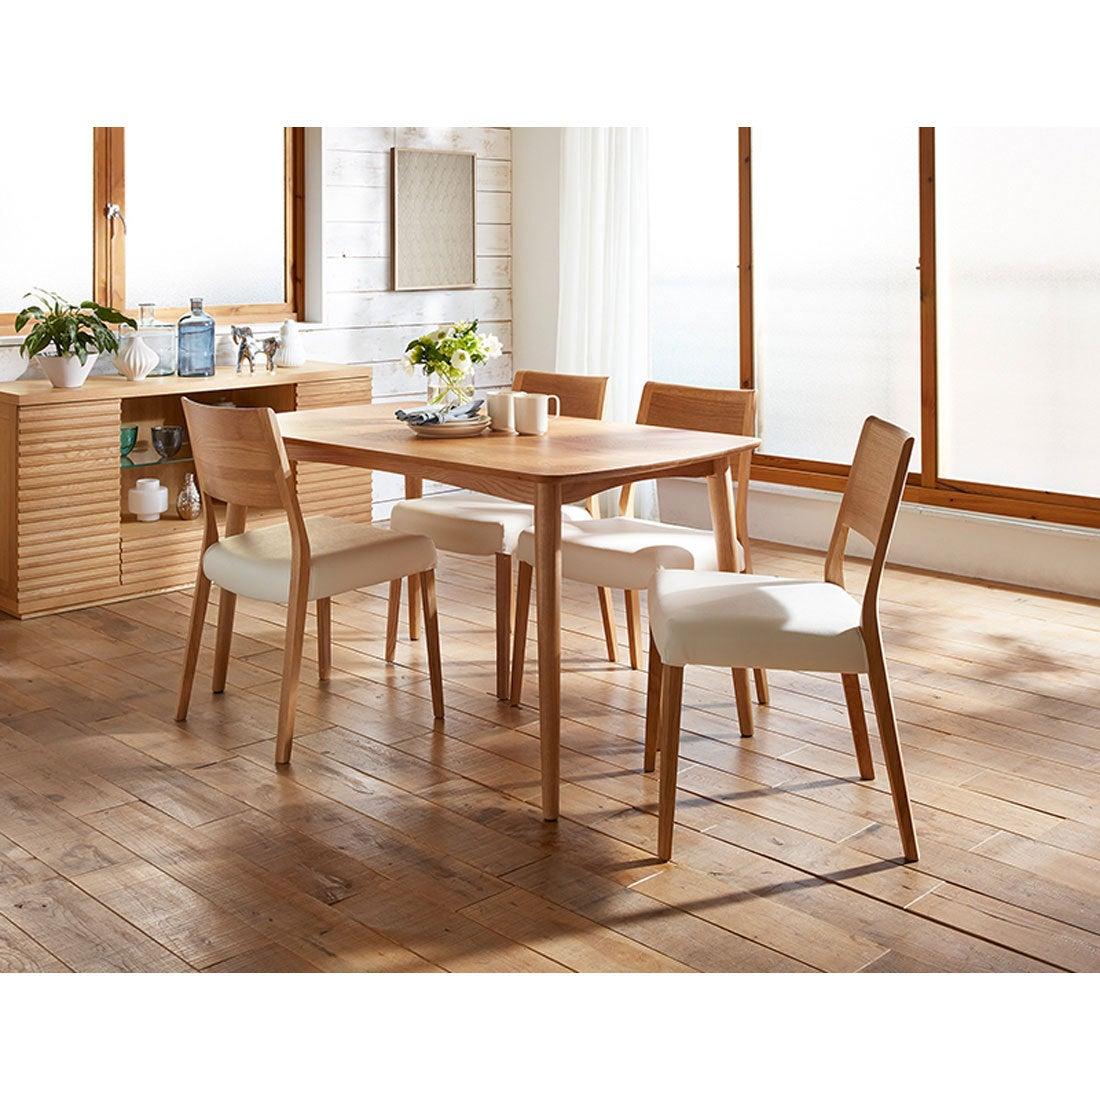 IDC OTSUKA/大塚家具 ダイニングテーブル シネマ3 レッドオーク材 1800タイプ ホワイトオーク色 (ホワイトオーク)